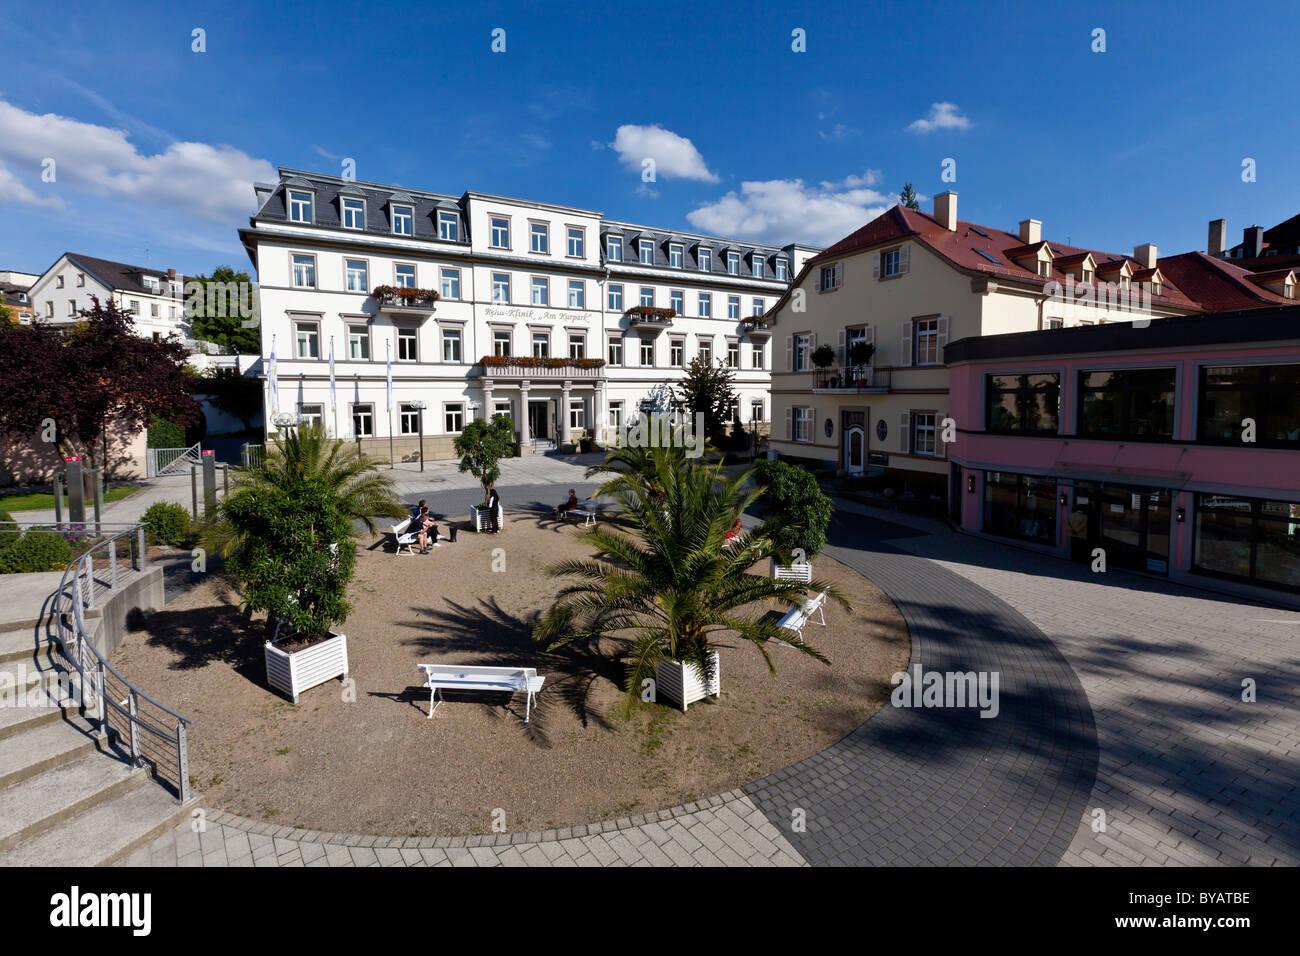 Reha-Zentrum Bad Kissingen, Klinik Saale, Bad Kissingen | diabetes.moglebaum.com